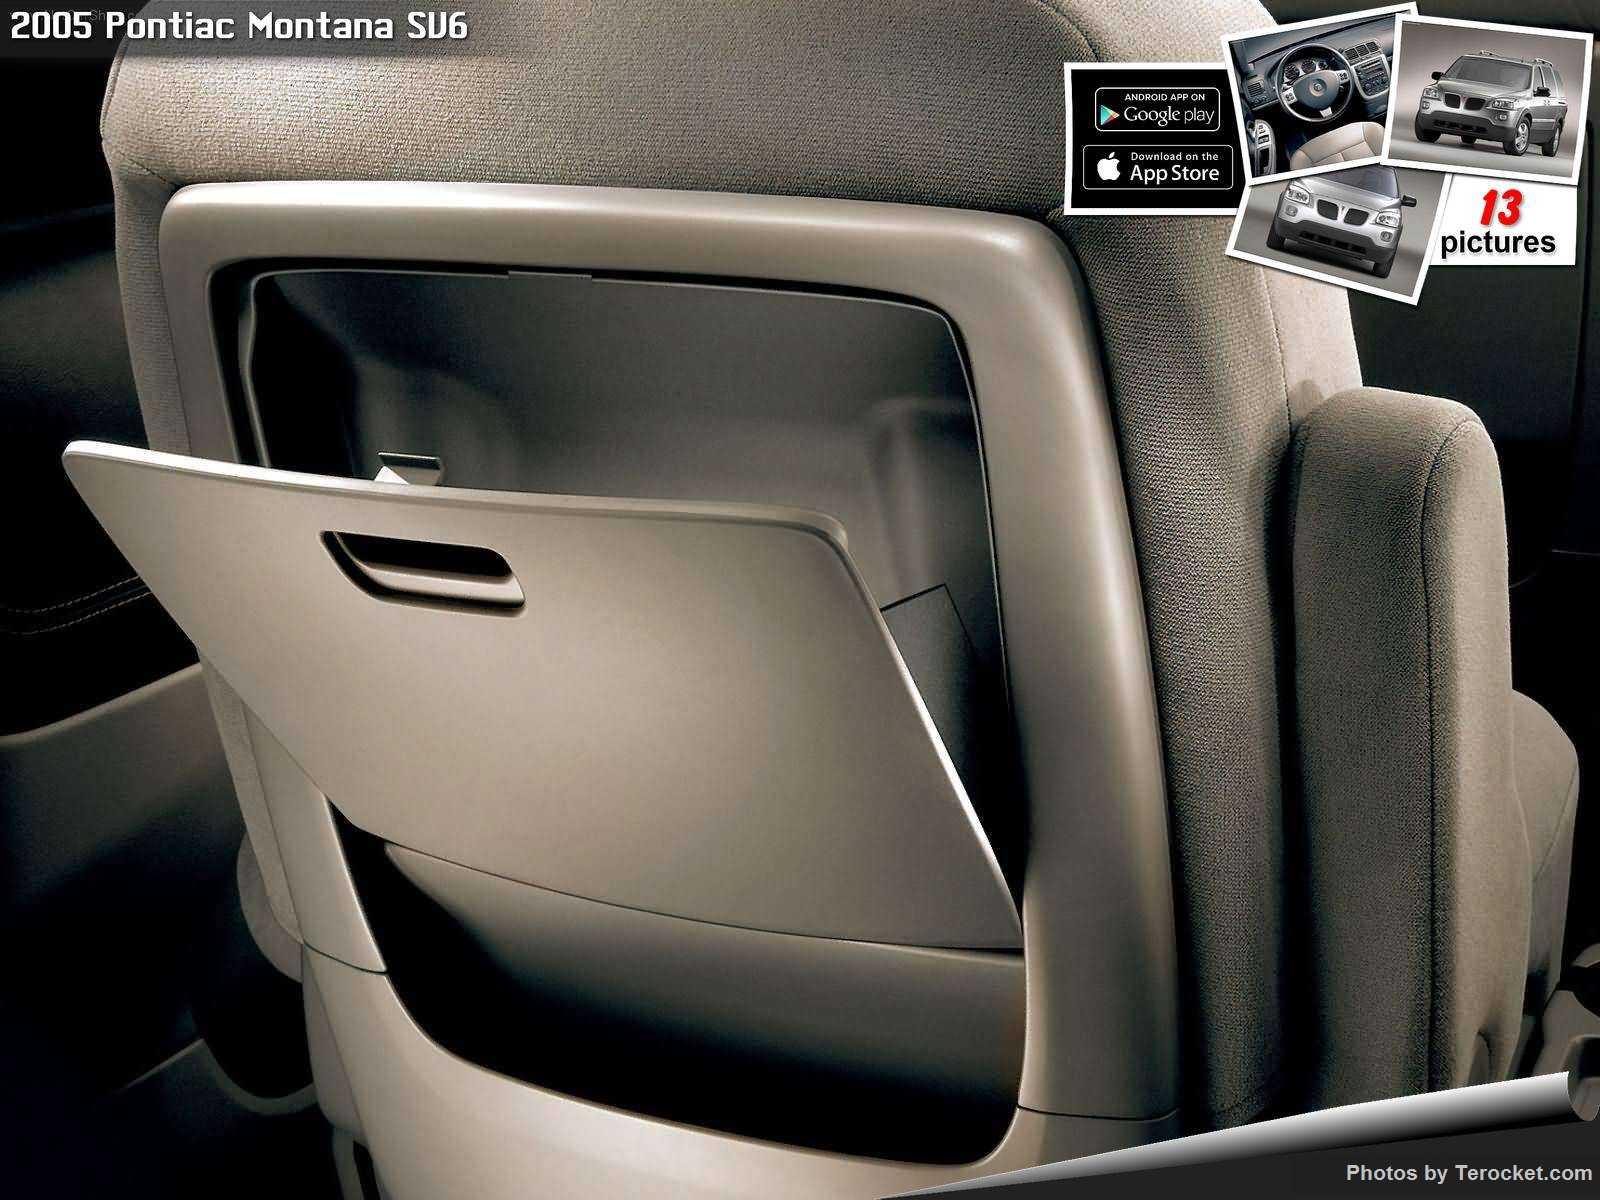 Hình ảnh xe ô tô Pontiac Montana SV6 2005 & nội ngoại thất